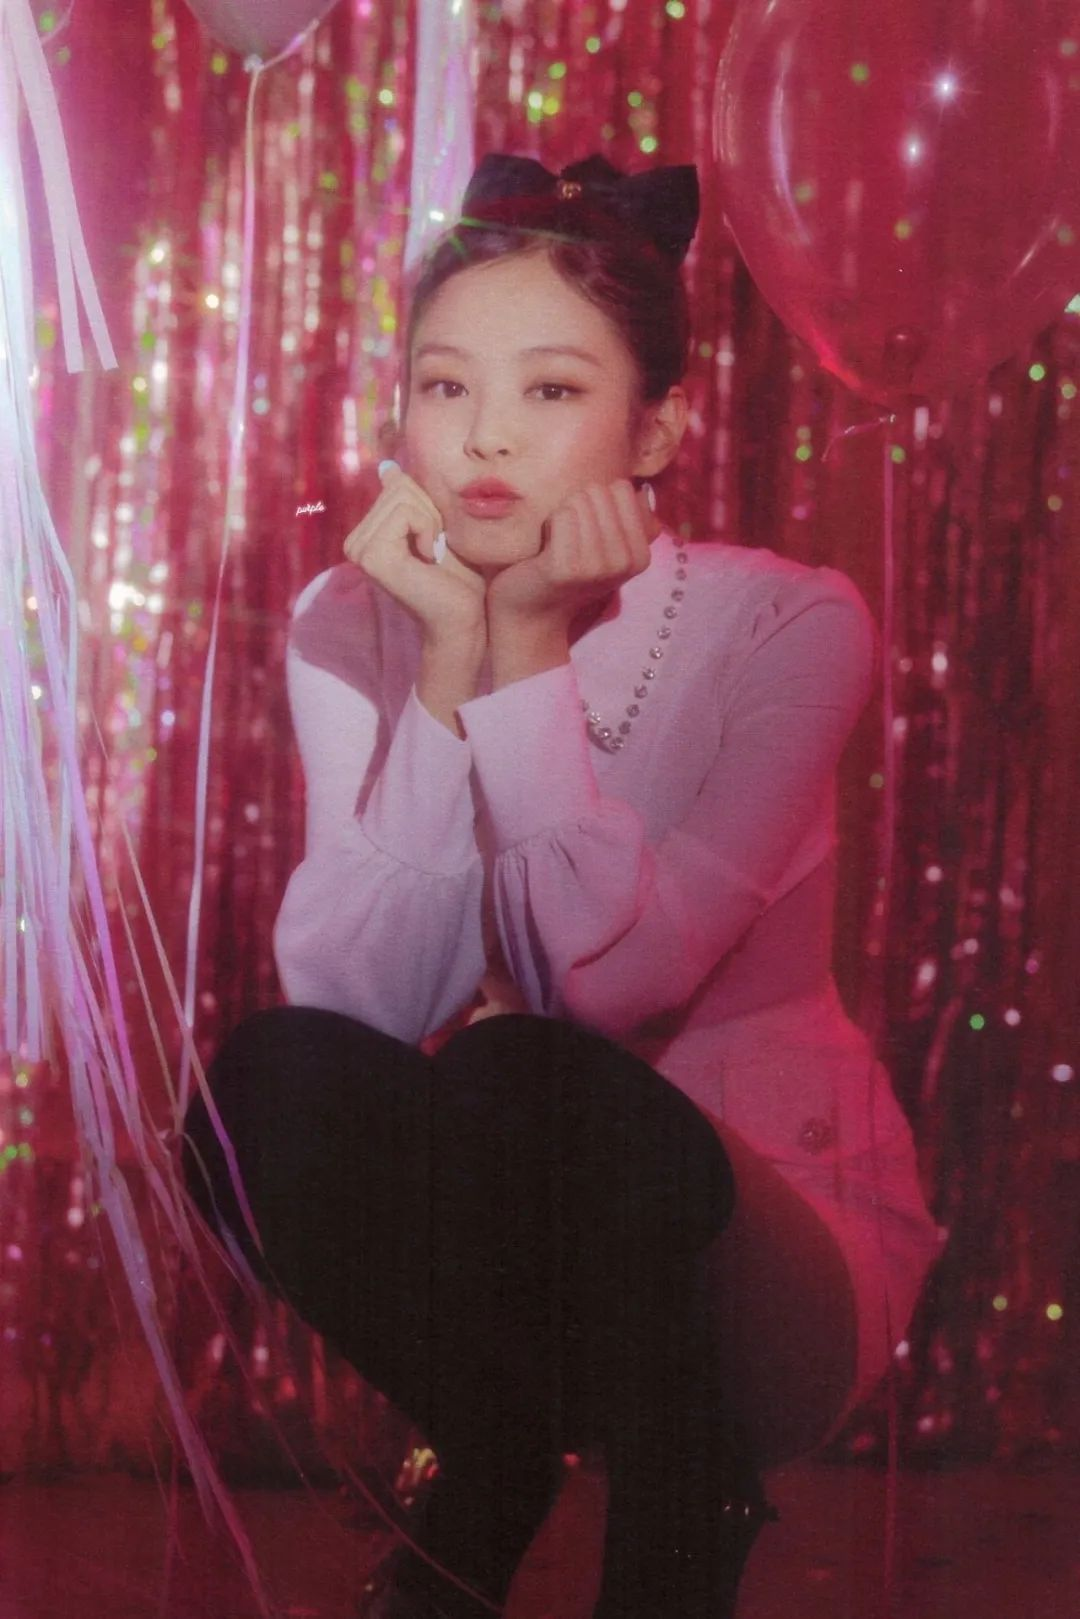 妹子摄影 – Jennie金智妮  美貌小猫咪_图片 No.9